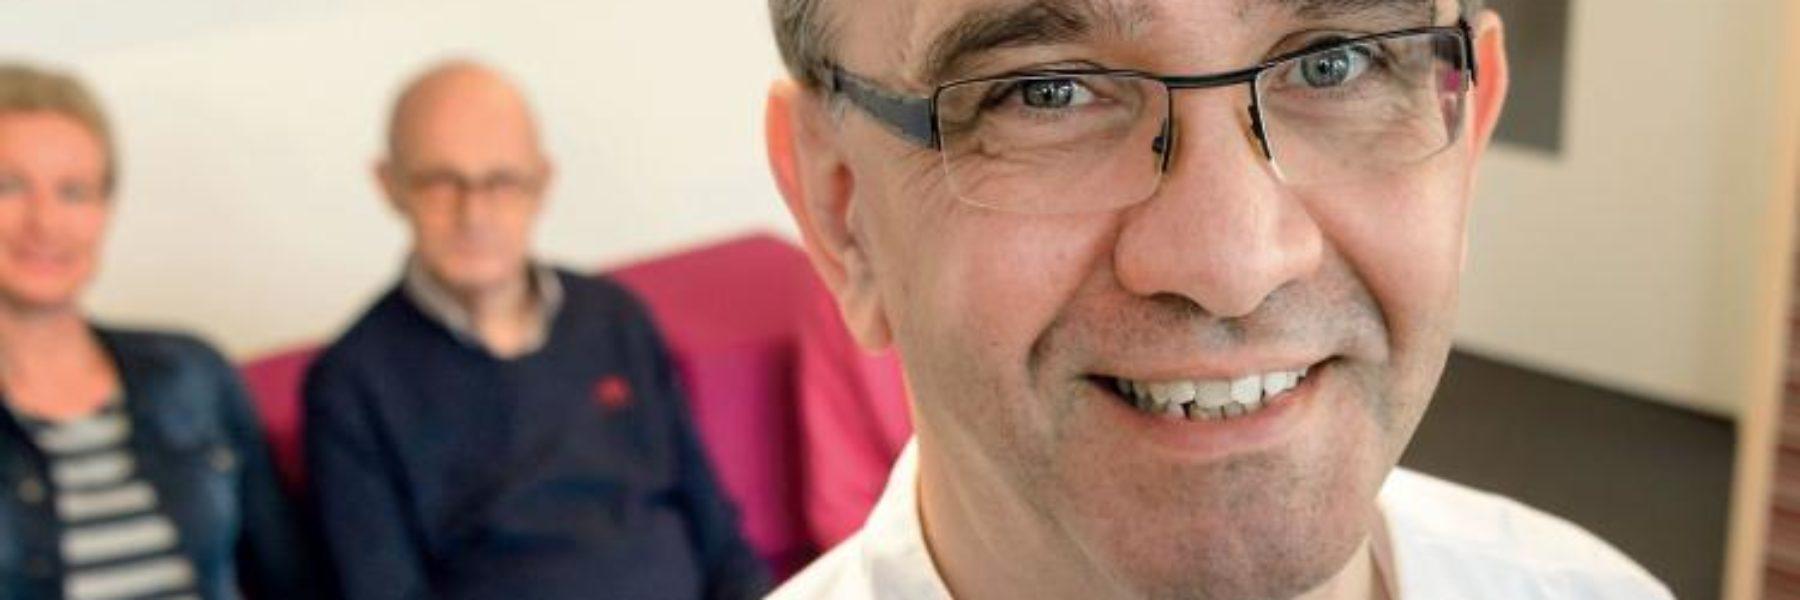 Tandarts-geriatrie Arie Hoeksema: 'Neem mondzorg in de basisverkering voor de 75-plusser'.